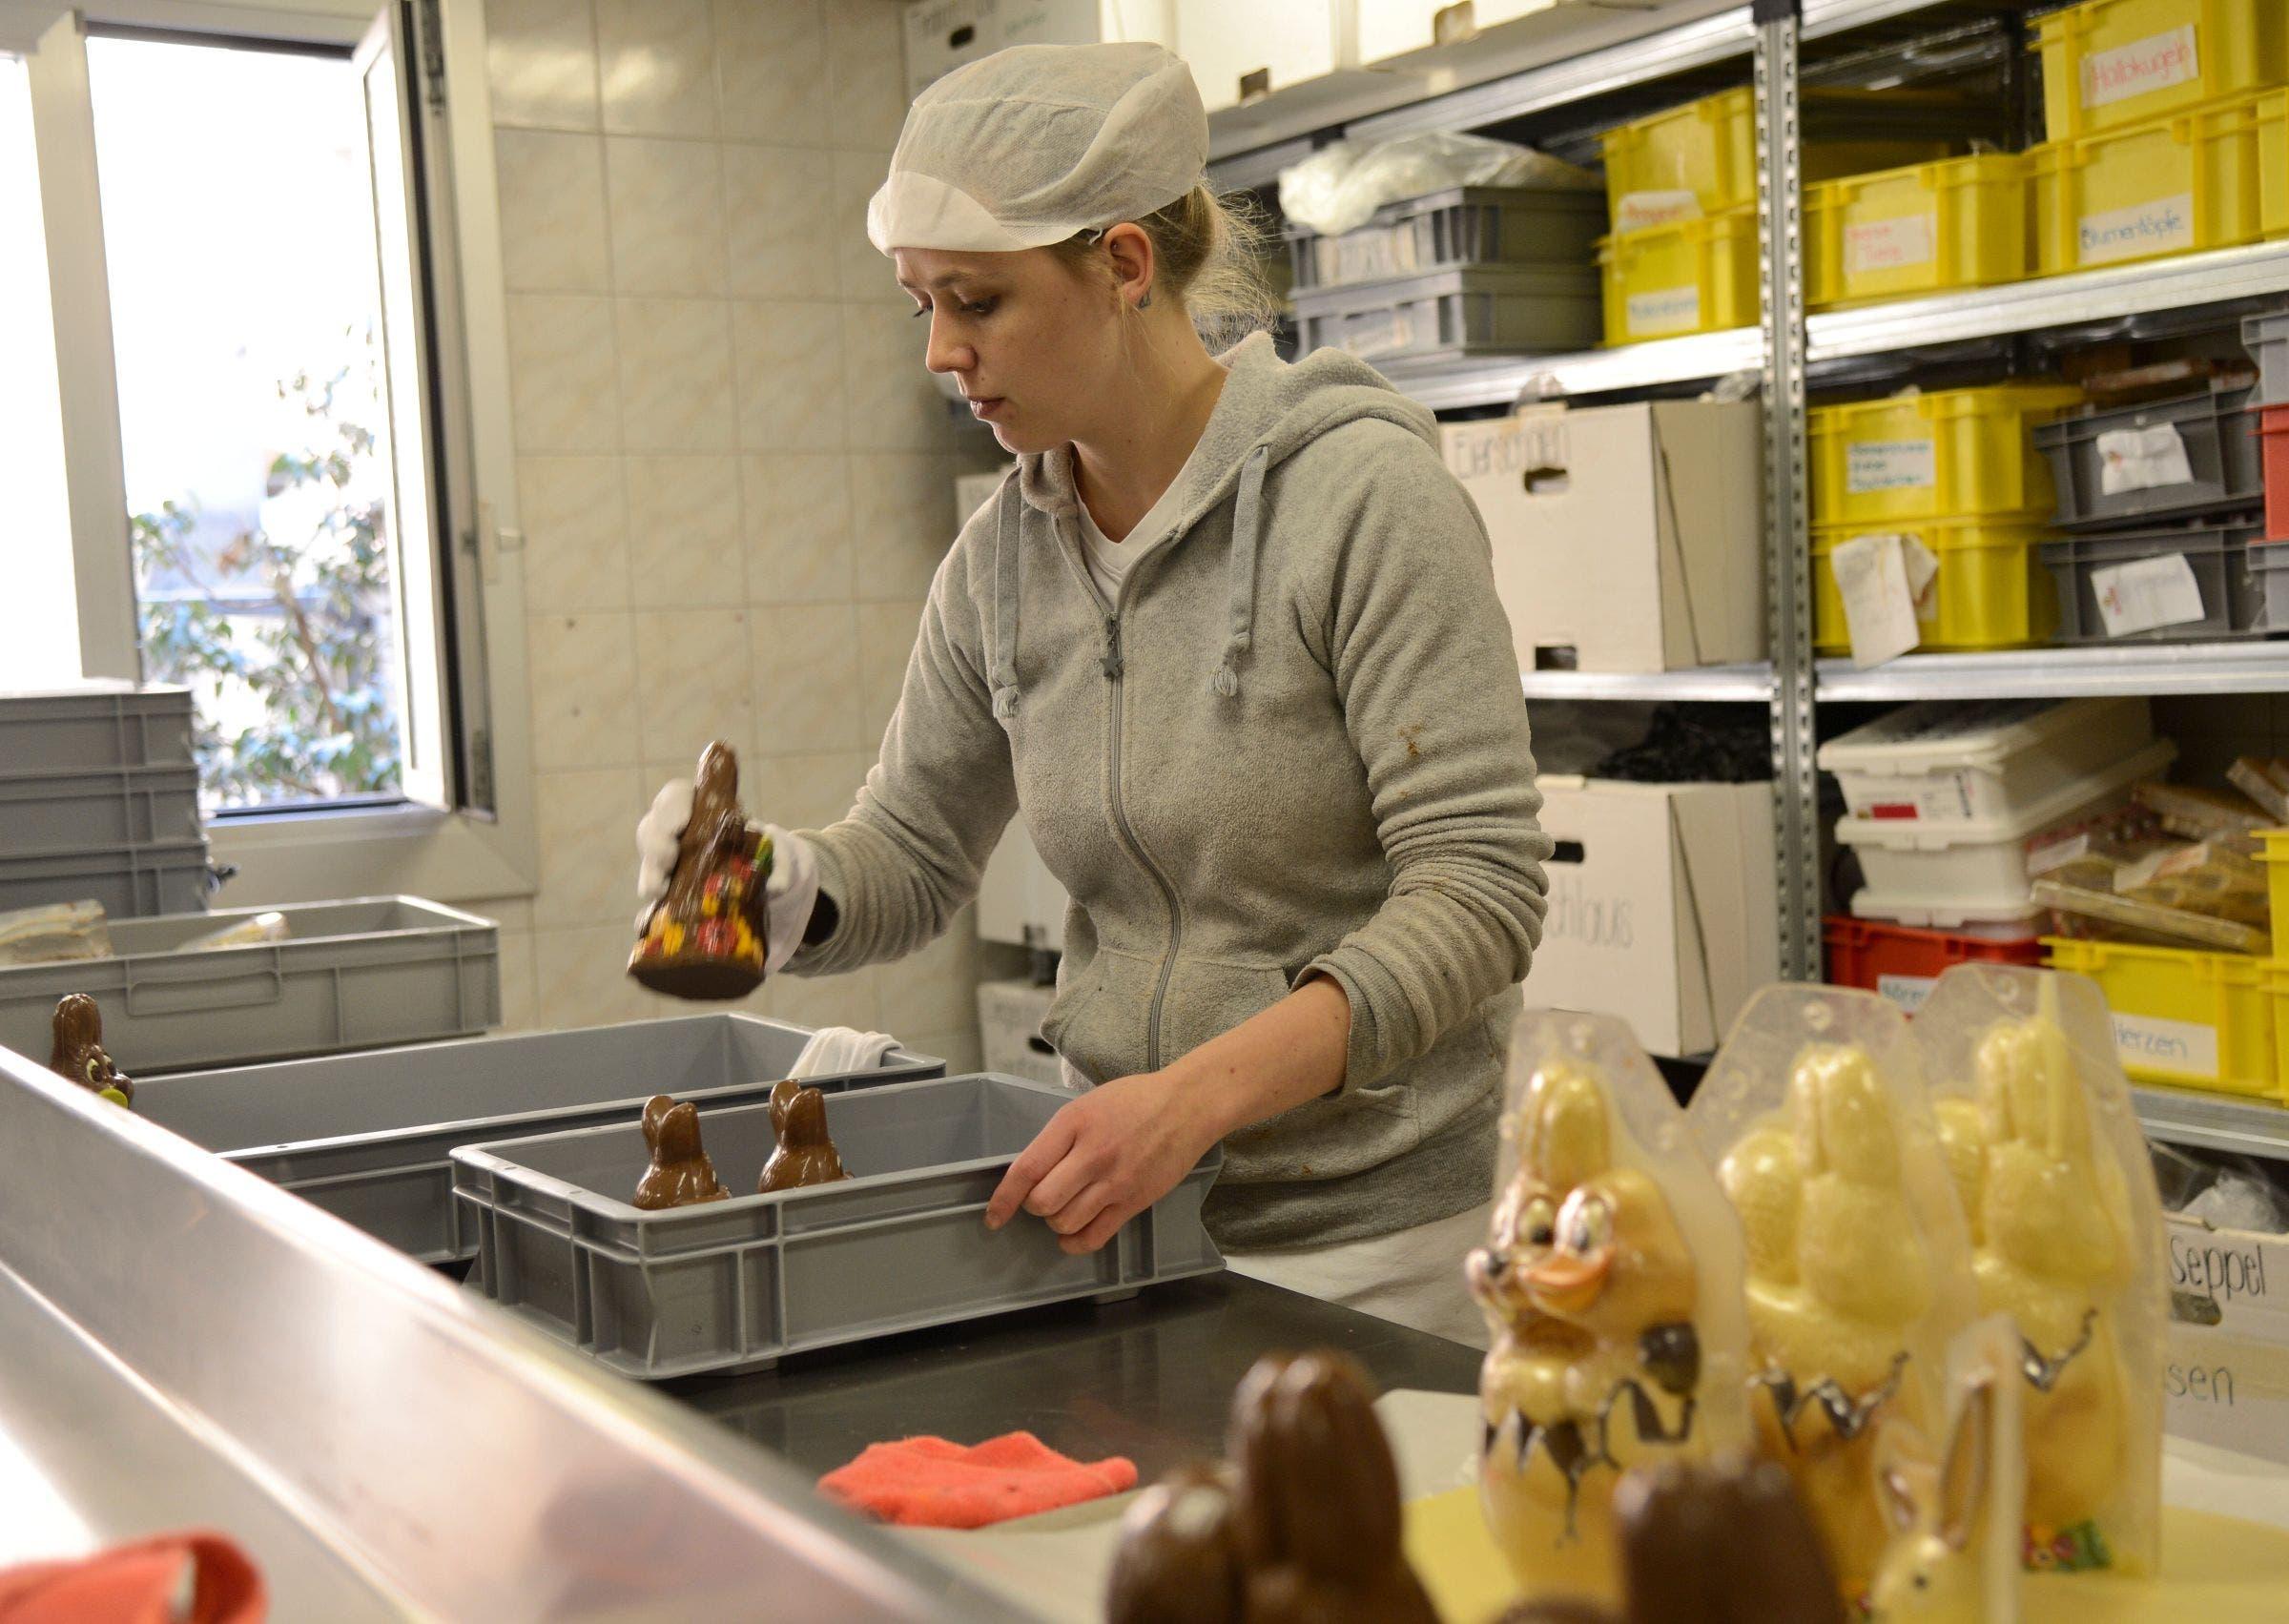 Angie Imholz hilft beim Herstellen der verschiedenen Osterhasen aus brauner und weisser Schokolade.